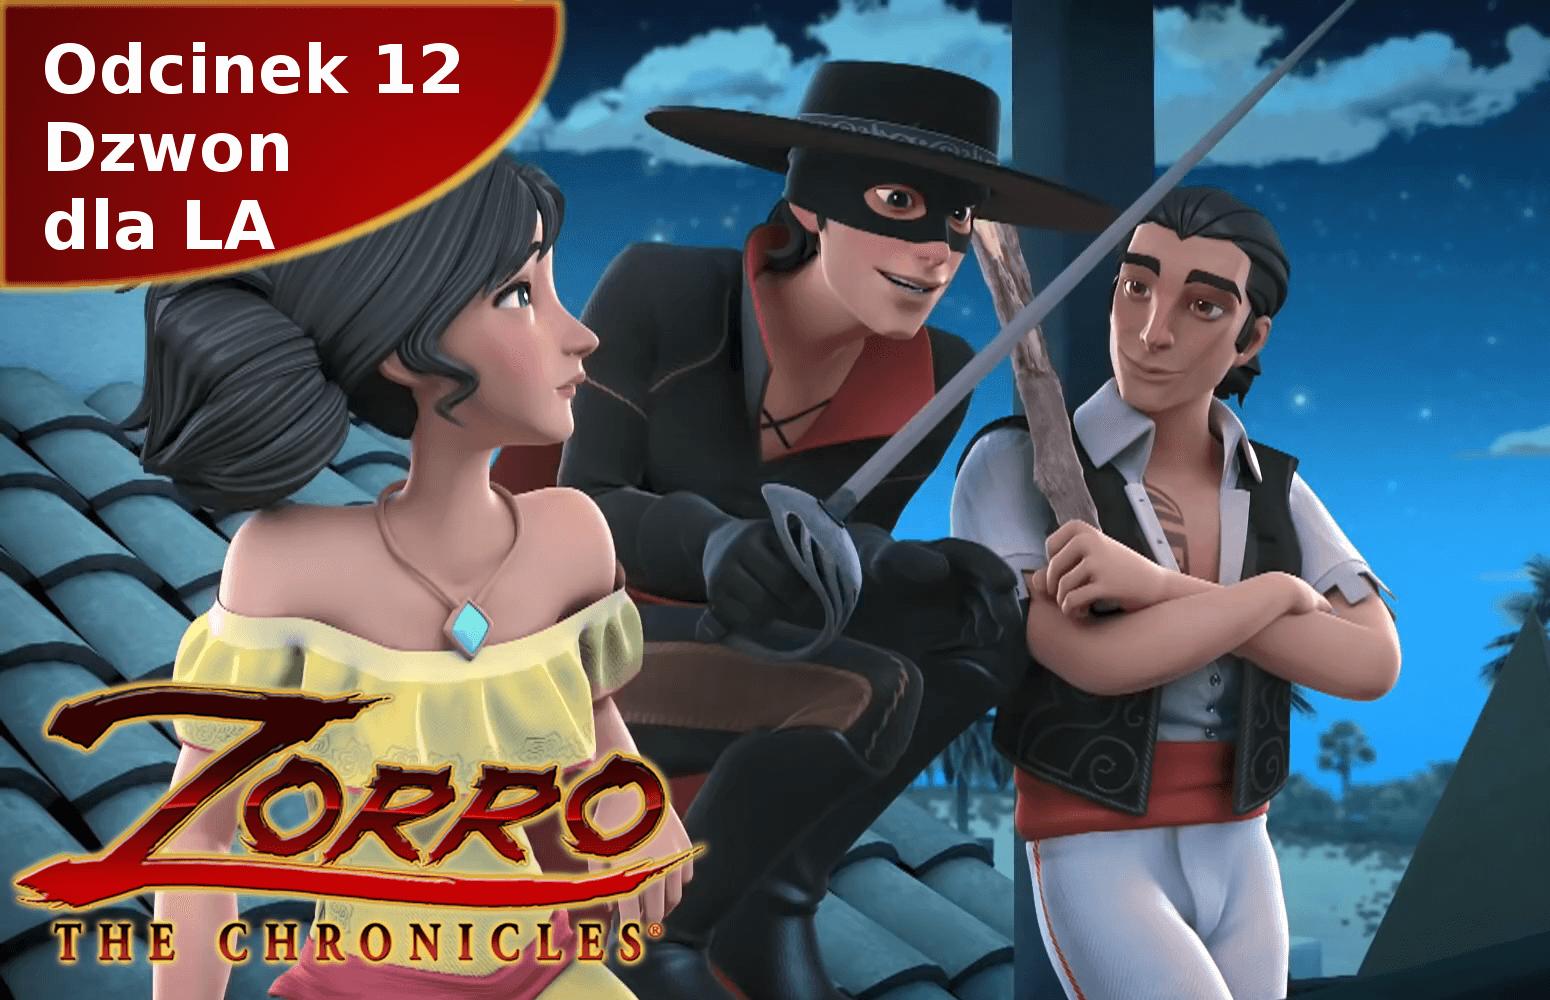 Kroniki Zorro odcinek 12 Dzwon dla Los Angeles